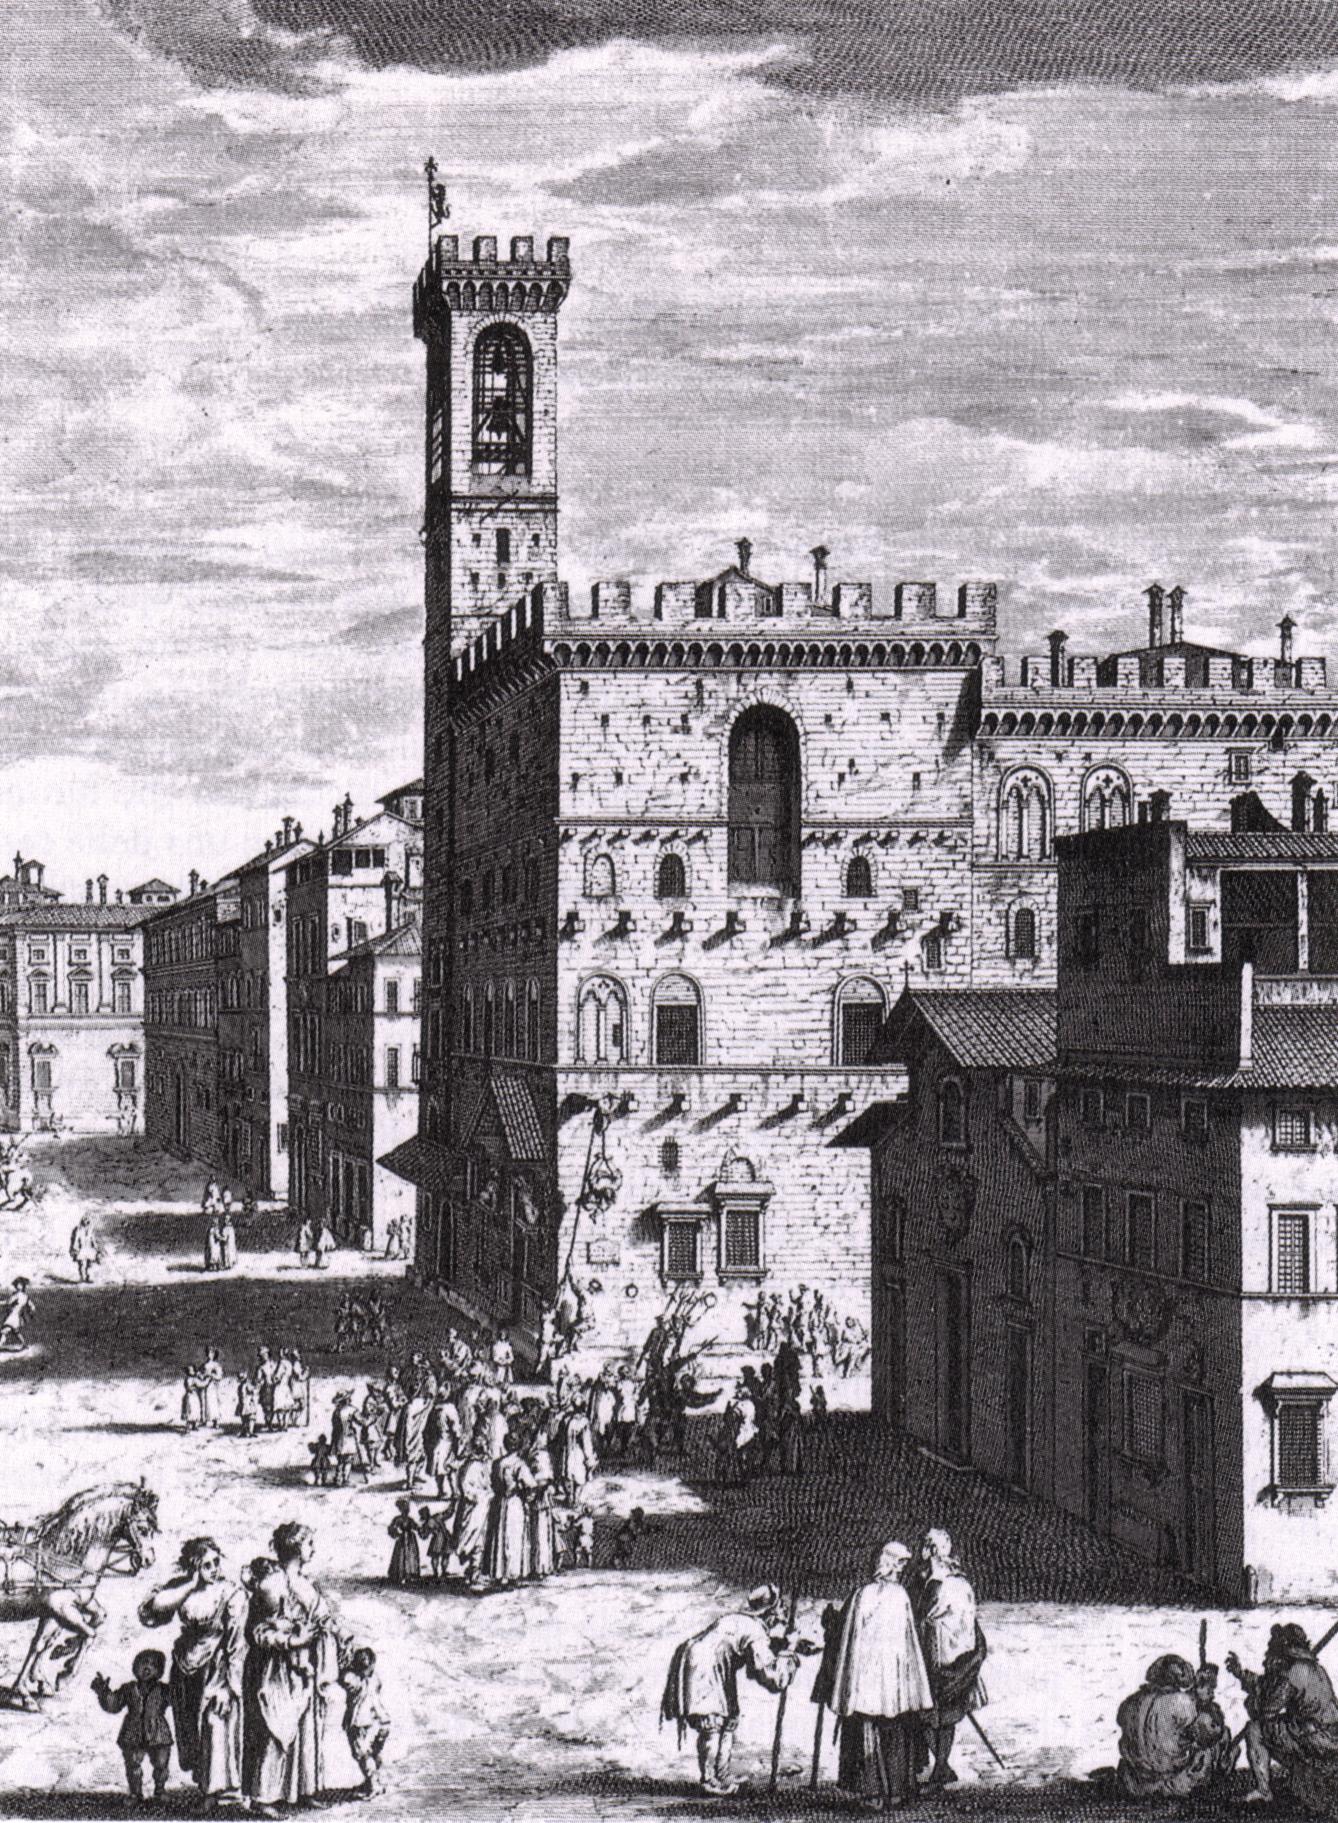 File:Giuseppe zocchi, il bargello, 1744.jpg